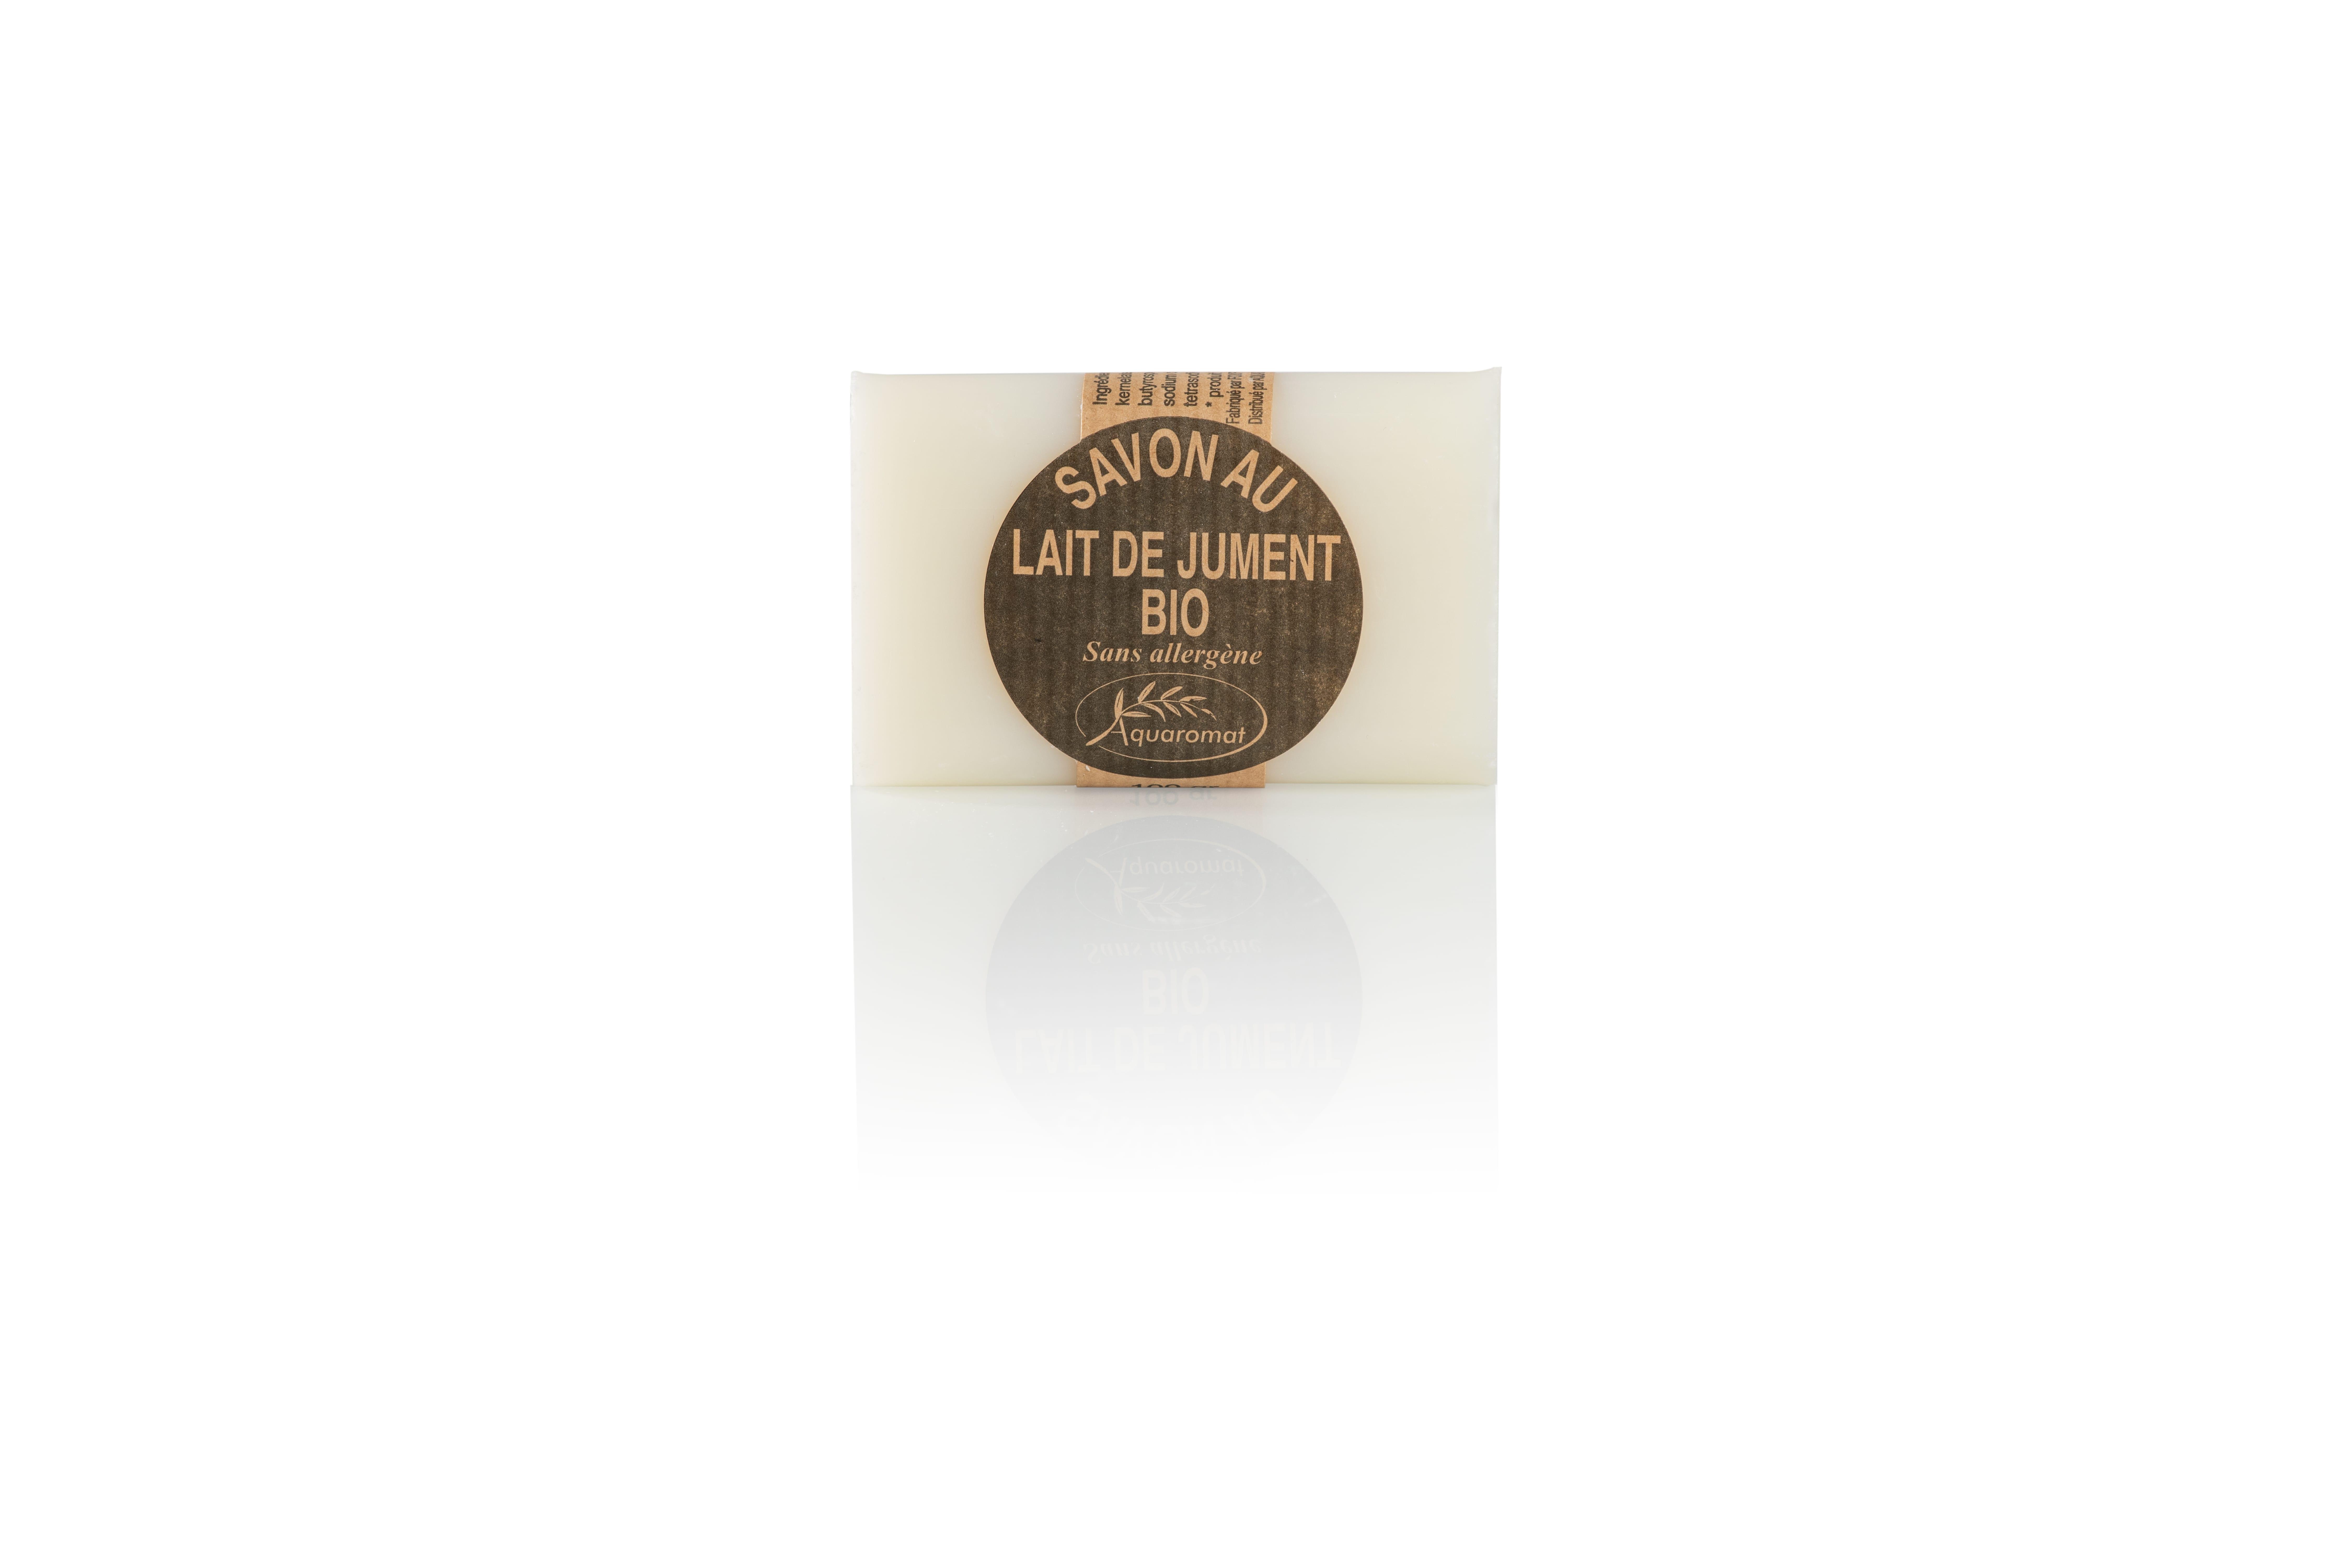 aquaromat-savon-lait-jument-bio-artisanal-100-g